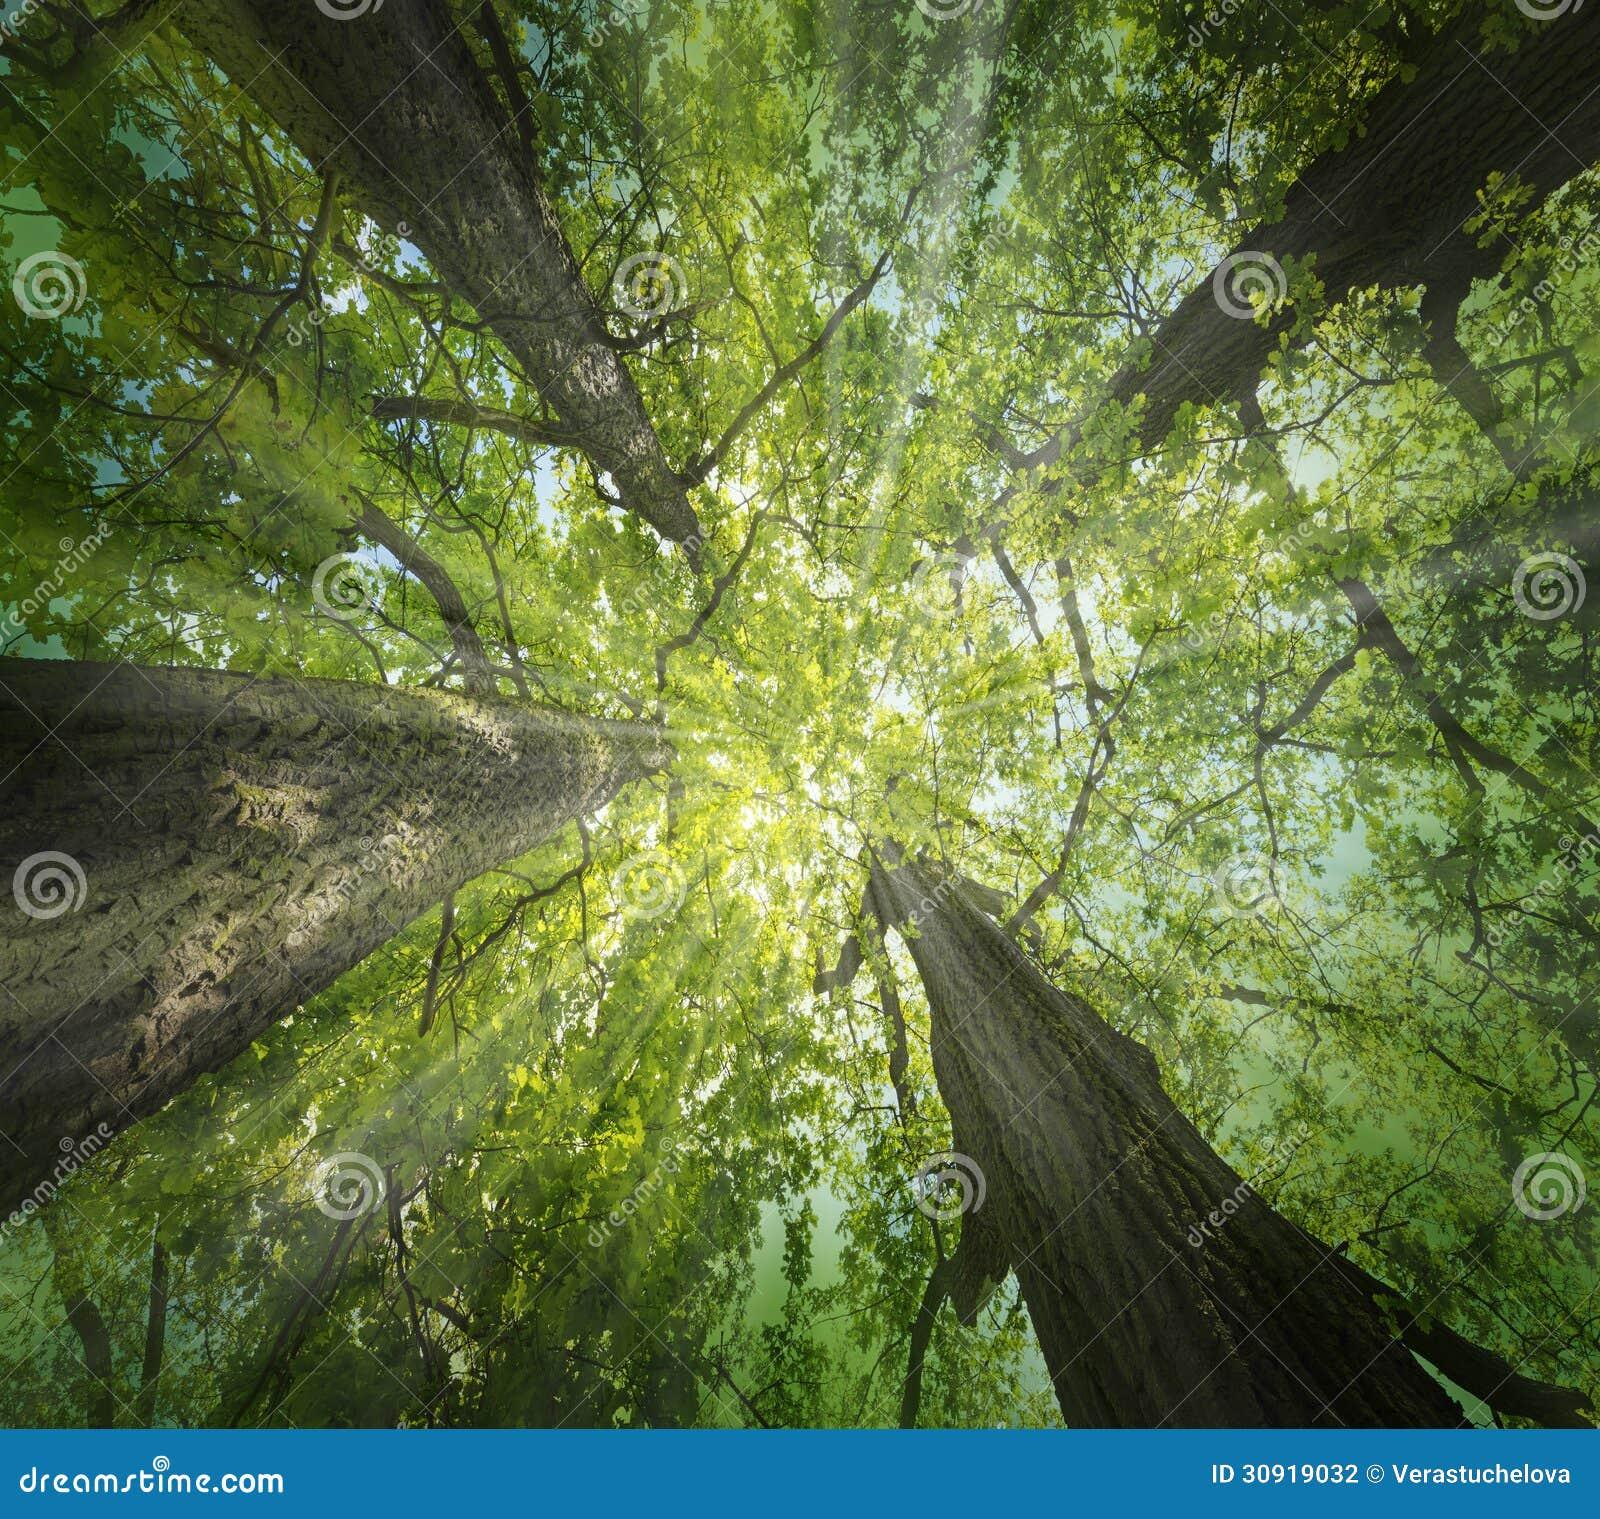 Old big oaks trees